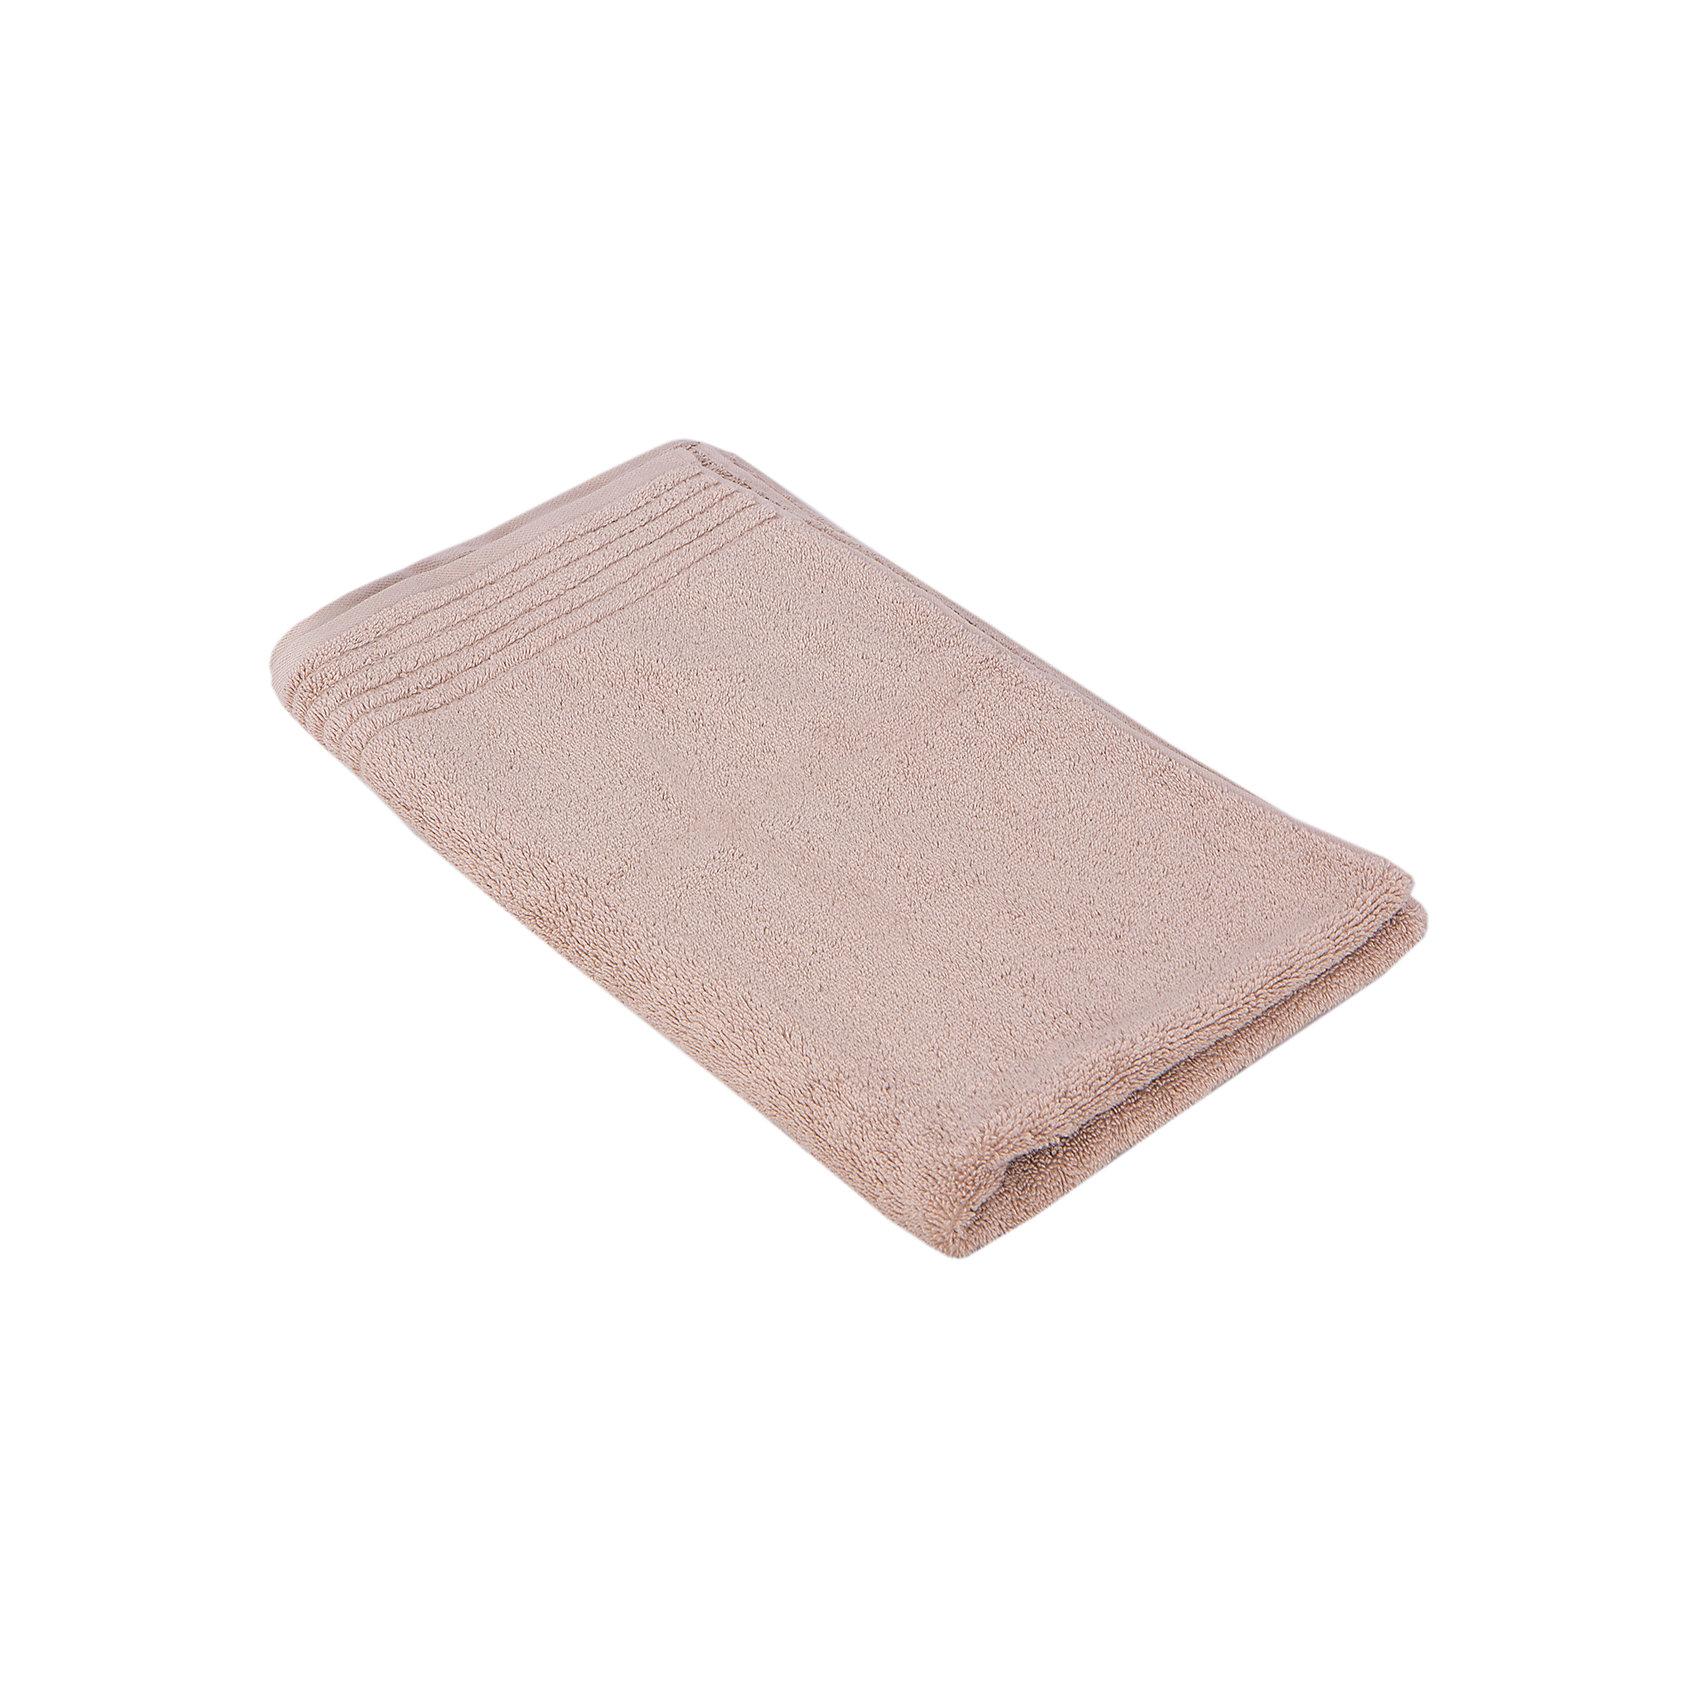 Полотенце махровое 50*90, Luxury Ayurveda, latteМахровое полотенце Luxury Ayurveda изготовлено из качественного натурального хлопка. Приятный дизайн полотенца отлично подойдет для вашей ванной комнаты.<br><br>Особенности:<br>-отлично впитывает влагу<br>-высокая гигроскопичность<br>-остается мягким на протяжении длительного времени<br>-объем увеличивается после стирки<br>-не уменьшаются в размере<br>-технология Hygro от Welspun<br>-входит в эксклюзивную коллекцию, не имеющая аналогов<br><br>Дополнительная информация:<br>Материал: 100% хлопок<br>Размер: 50х90 см<br>Цвет: бежевый<br>Торговая марка: Luxury Ayurveda<br><br>Вы можете купить махровое полотенце  Luxury Ayurveda в нашем интернет-магазине.<br><br>Ширина мм: 500<br>Глубина мм: 500<br>Высота мм: 200<br>Вес г: 450<br>Возраст от месяцев: 0<br>Возраст до месяцев: 144<br>Пол: Унисекс<br>Возраст: Детский<br>SKU: 5010995